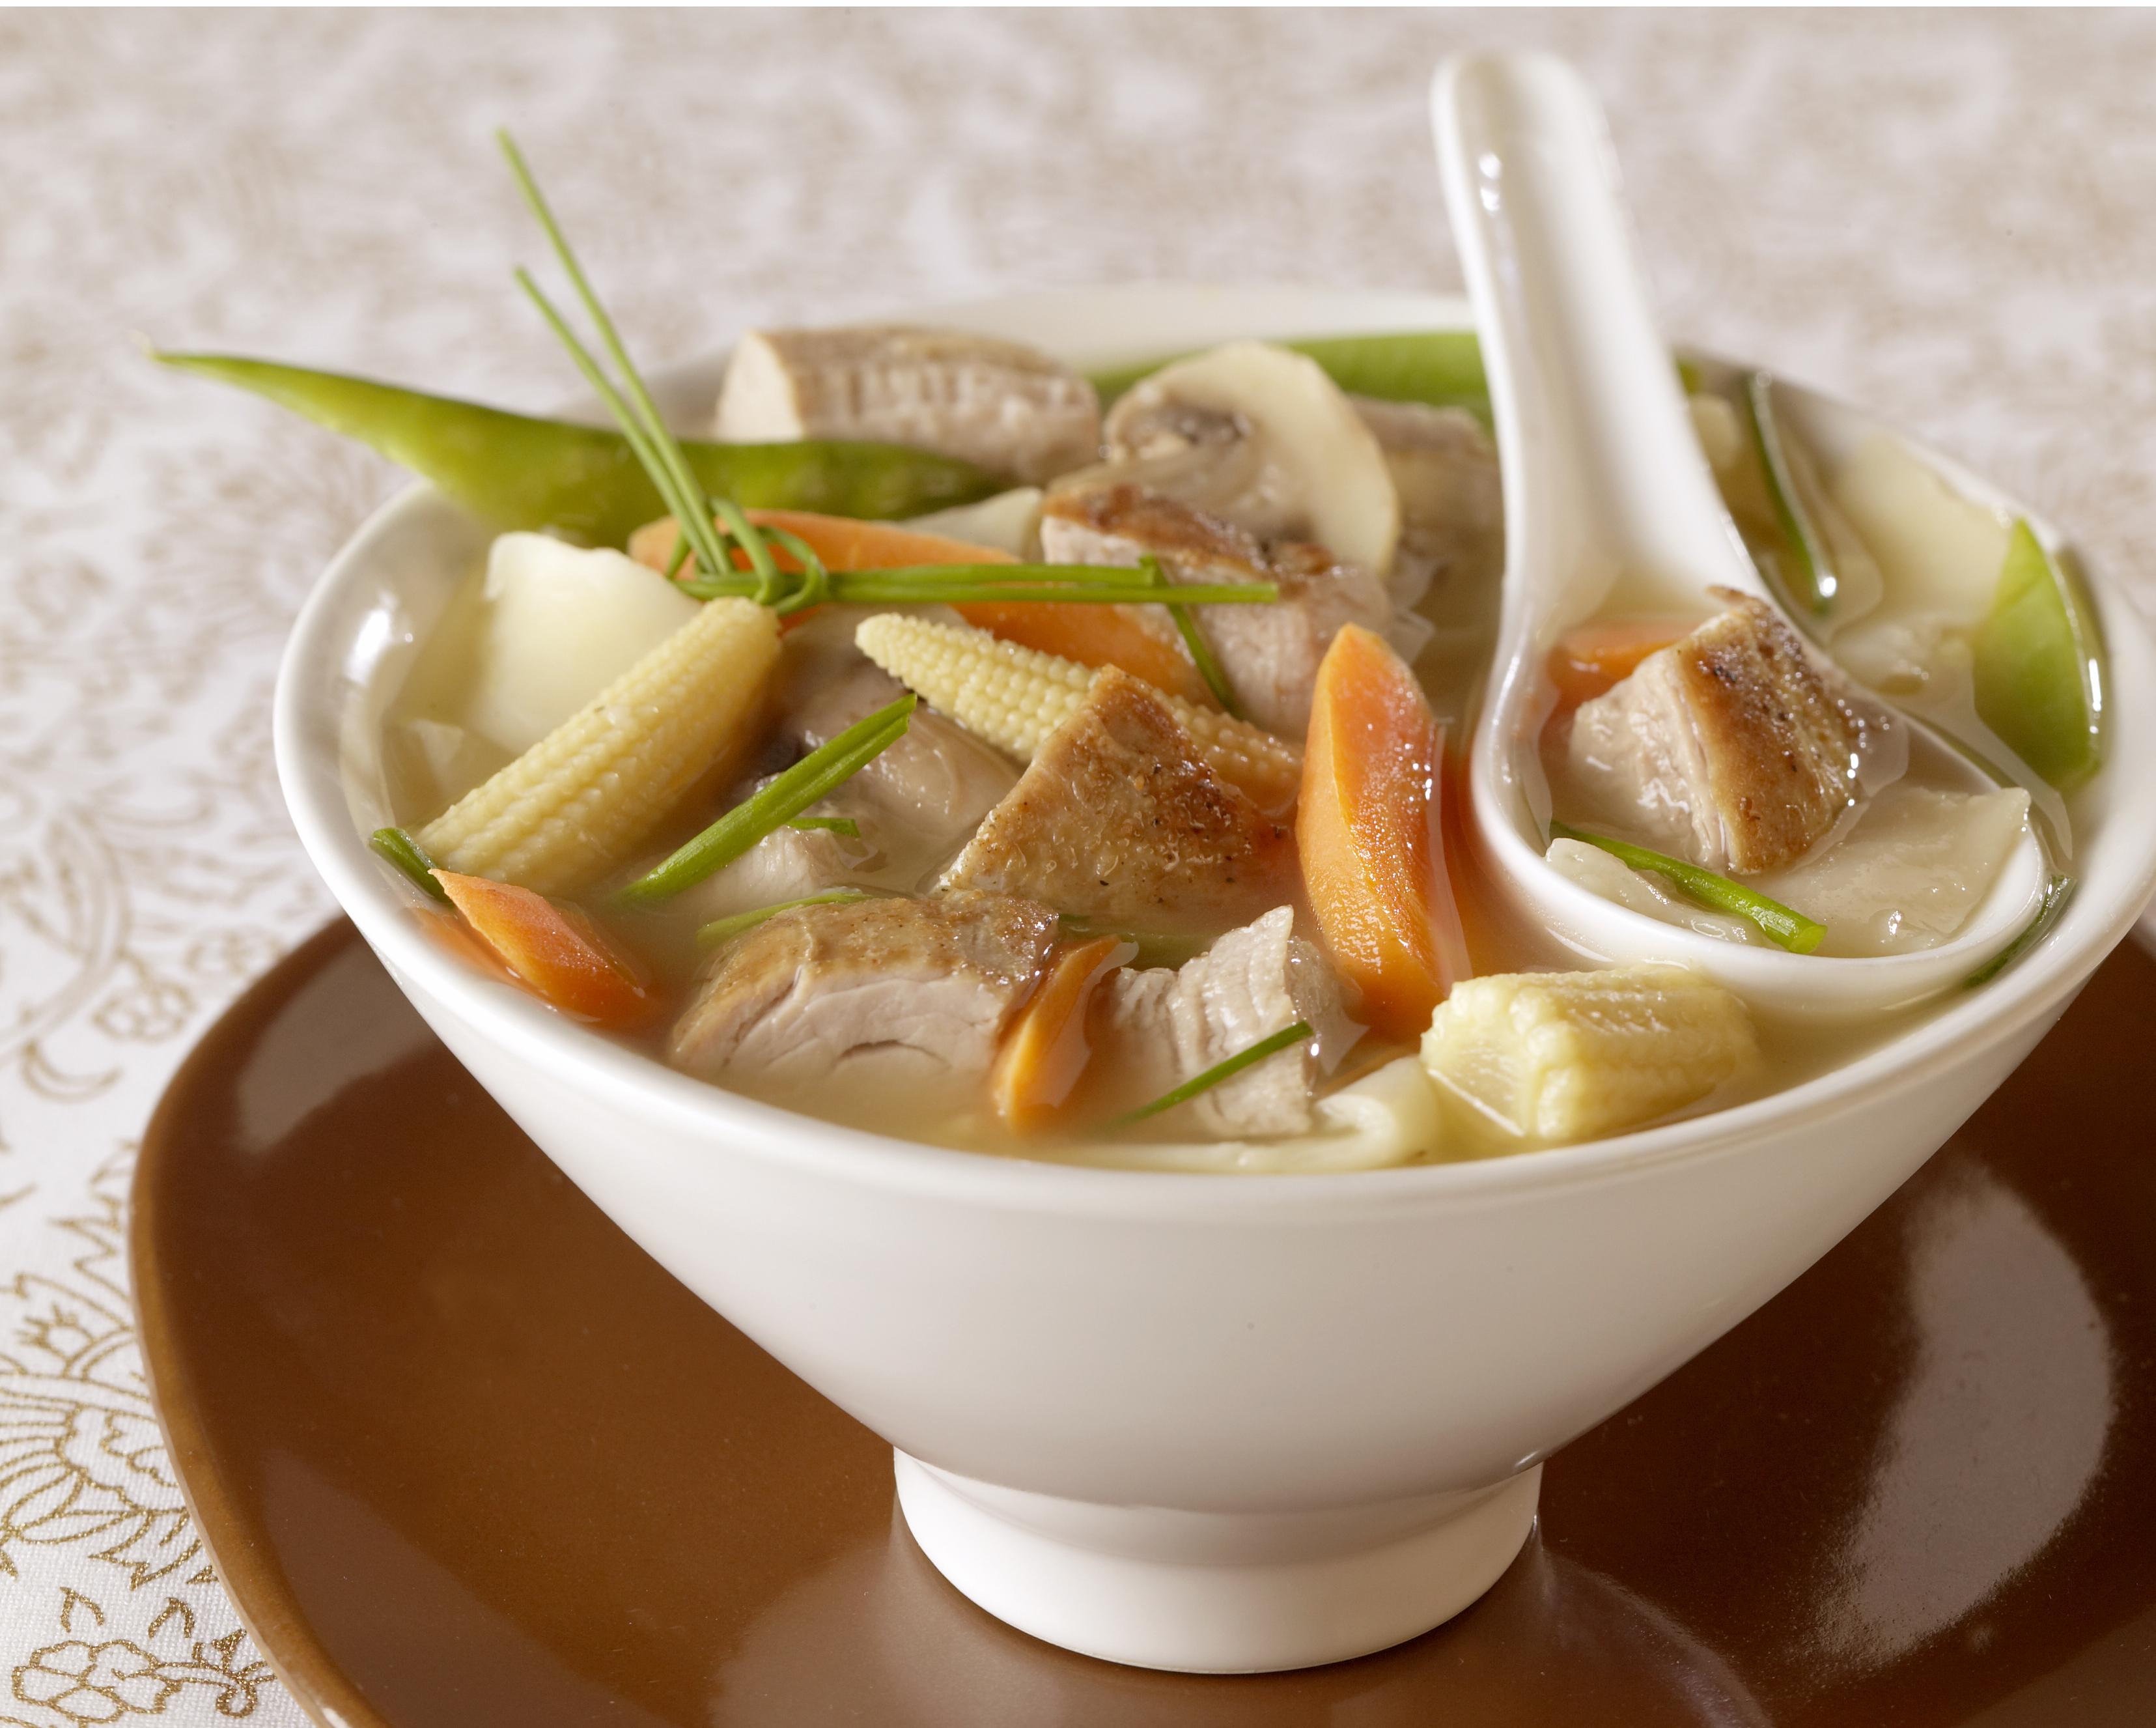 Gingered Pork Vegetable Soup With Wonton Noodles